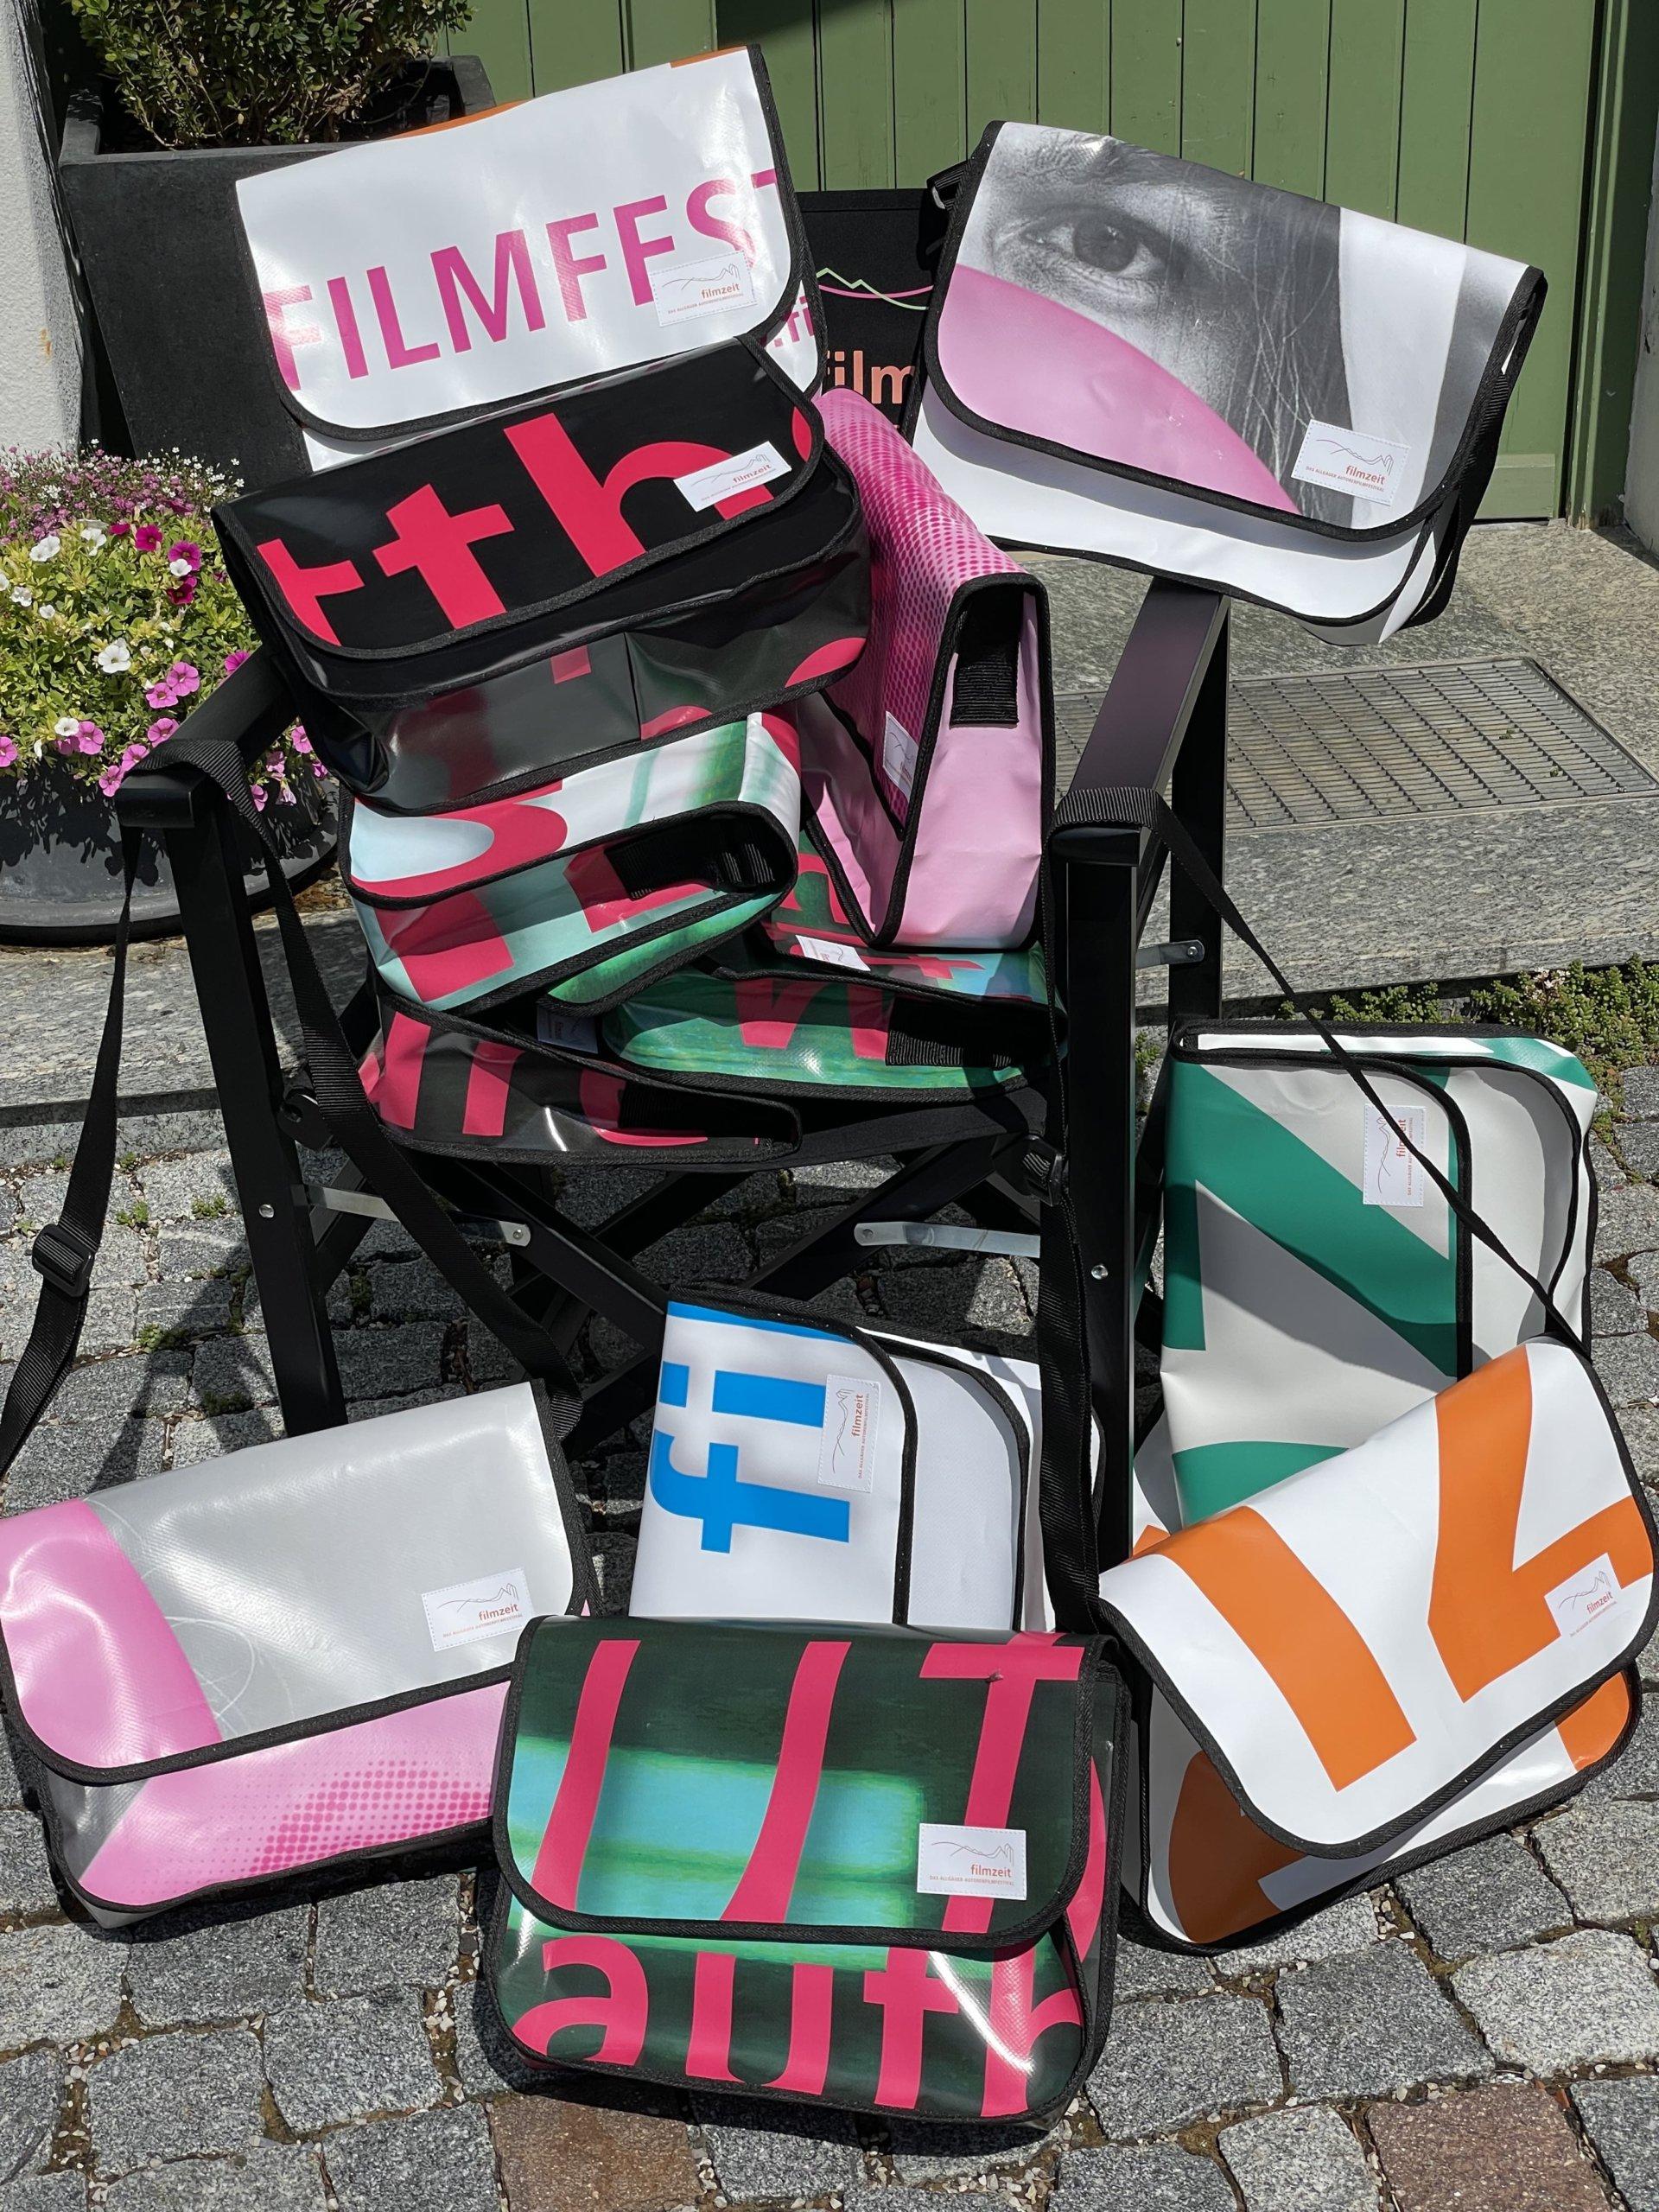 Filmzeit Kaufbeuren Recycling Tasche aus Banner